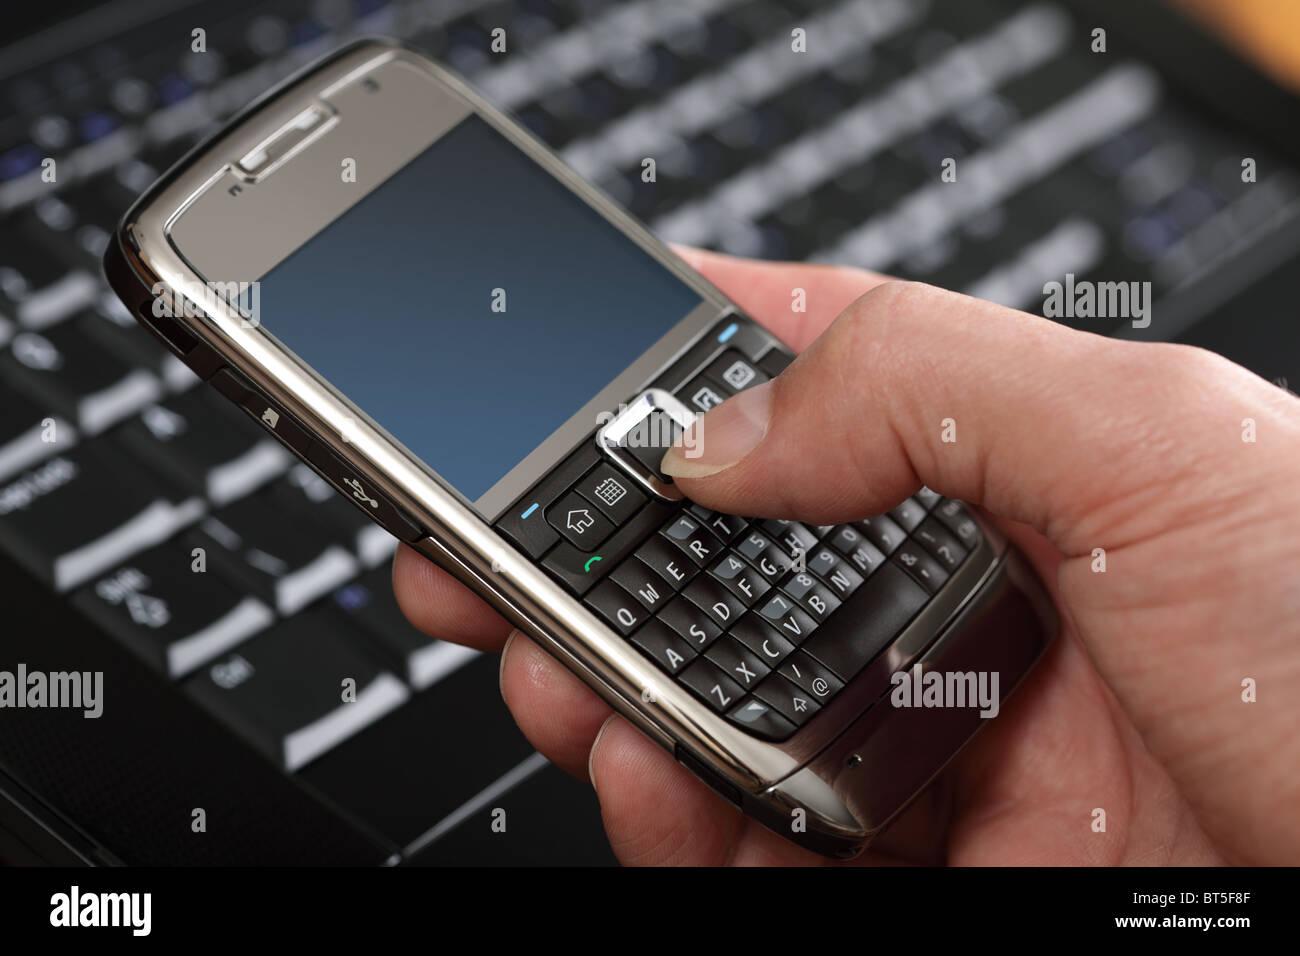 Utilizzando una smart telefono cellulare Immagini Stock